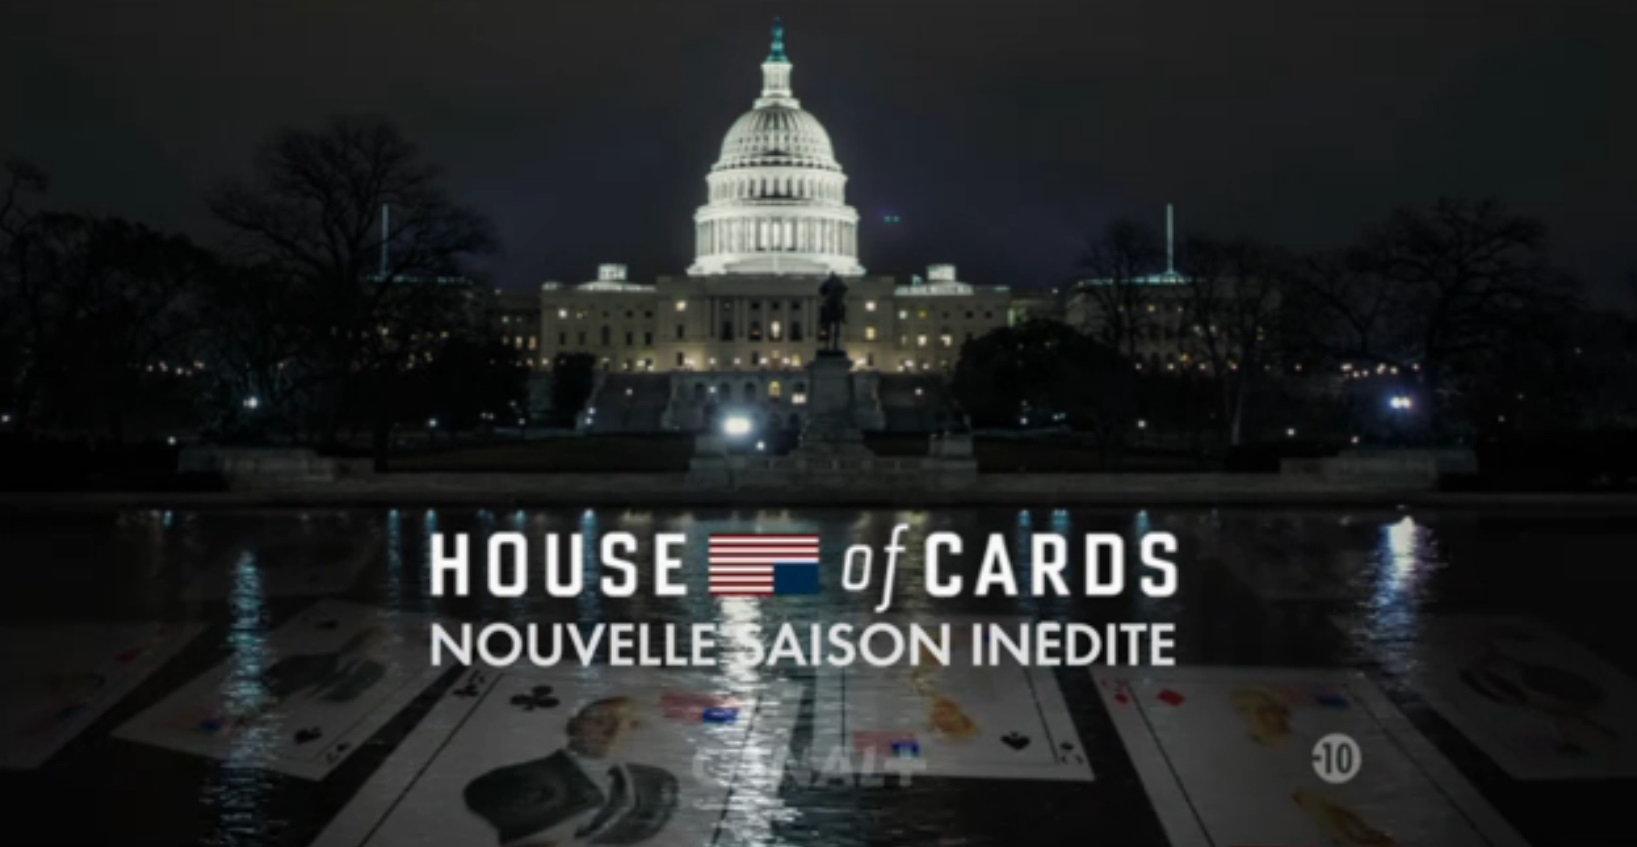 House of cards saison 3 ce soir sur canal les accros for Hotel disponible ce soir